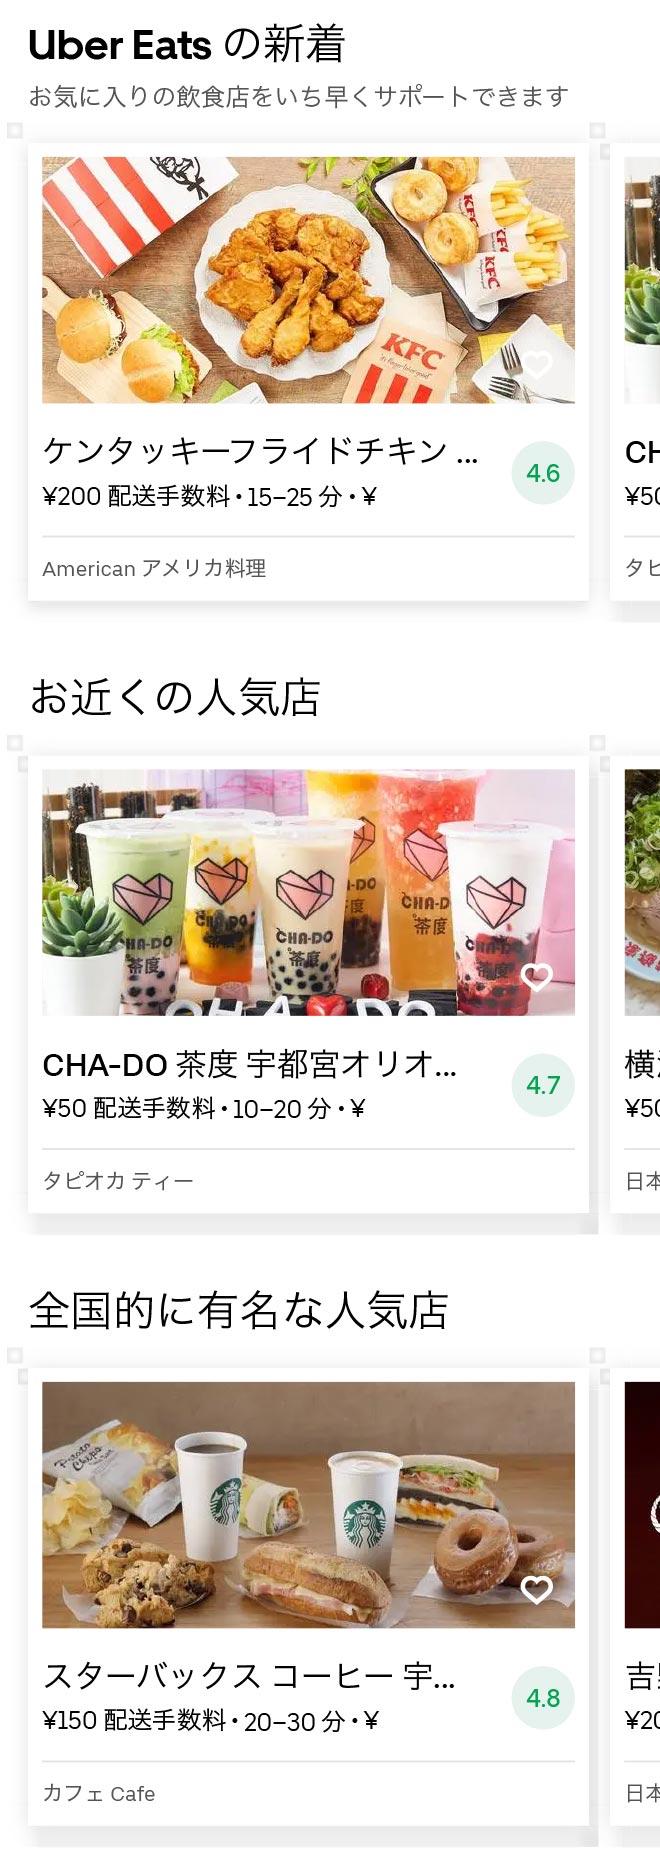 Tobu utsunomiya menu 2010 01